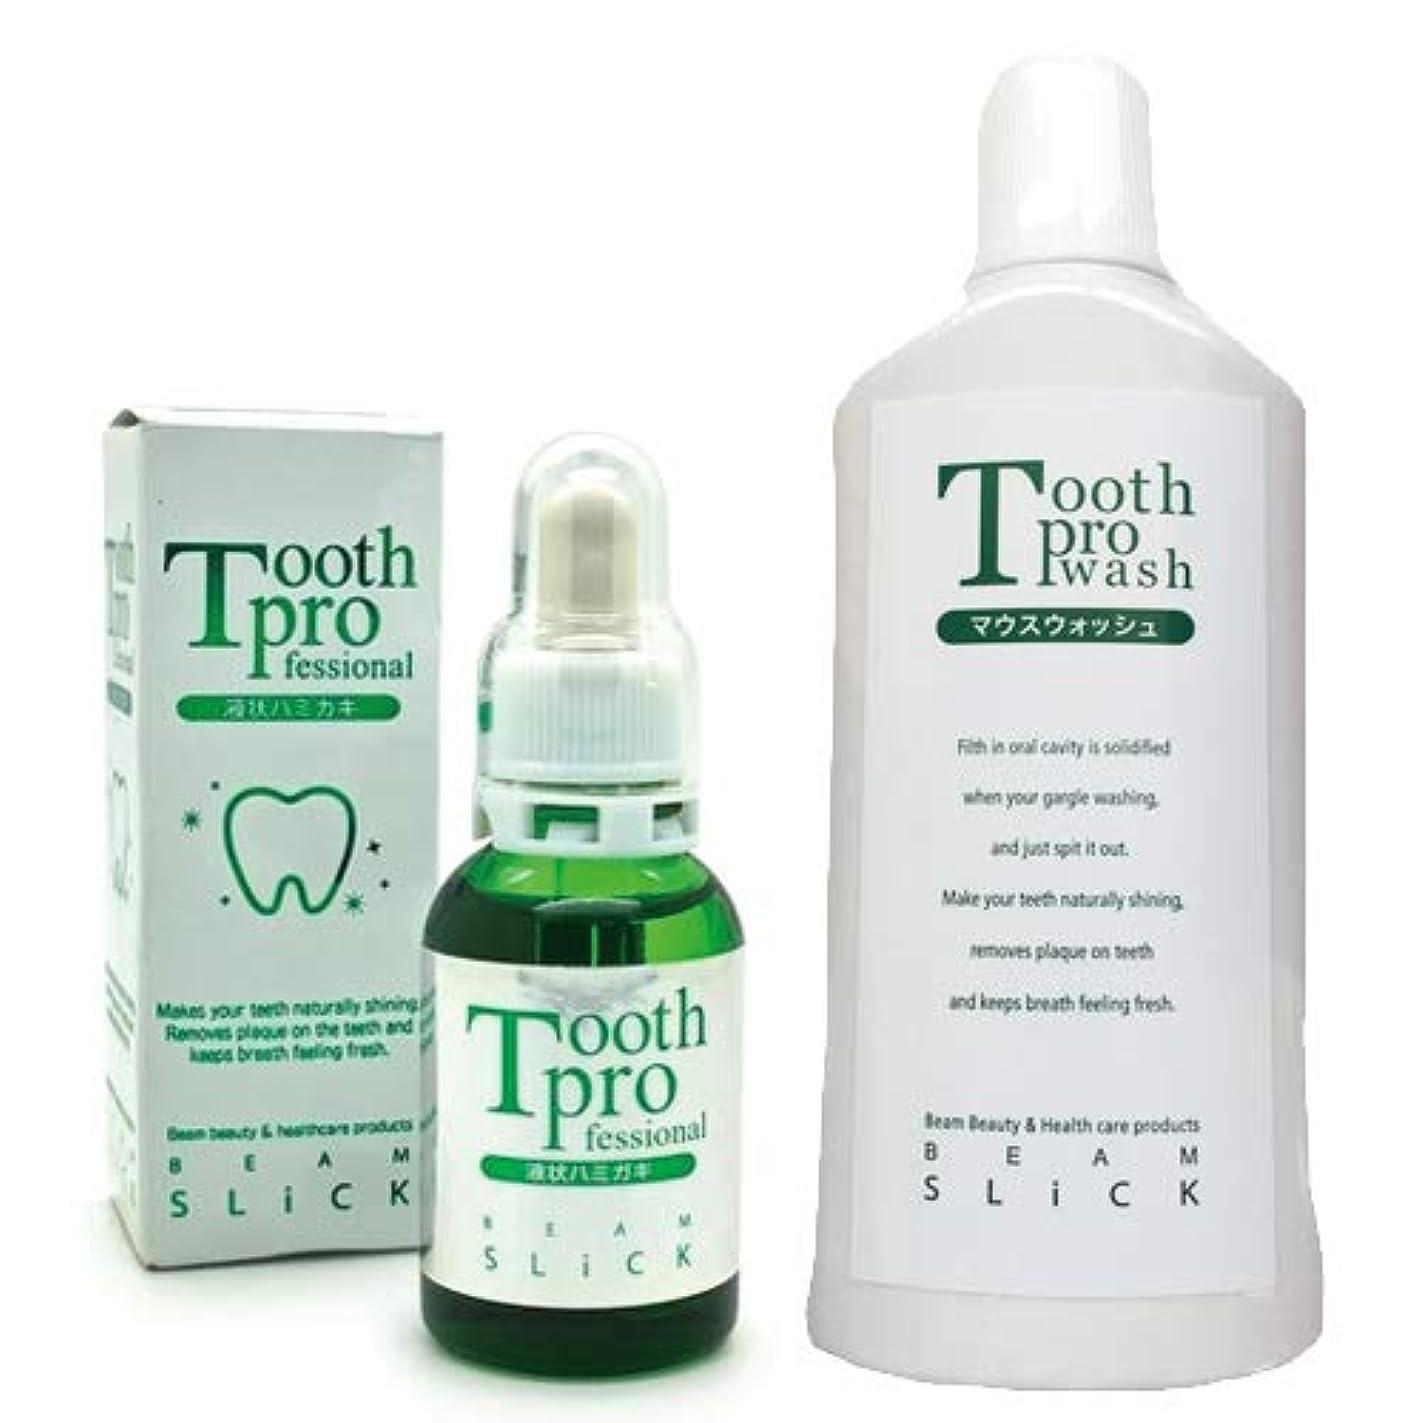 トマト終了しました人間トゥースプロウォッシュ(Tooth Pro wash)500mL + トゥースプロフェッショナル(tooth professional) 20mL セット